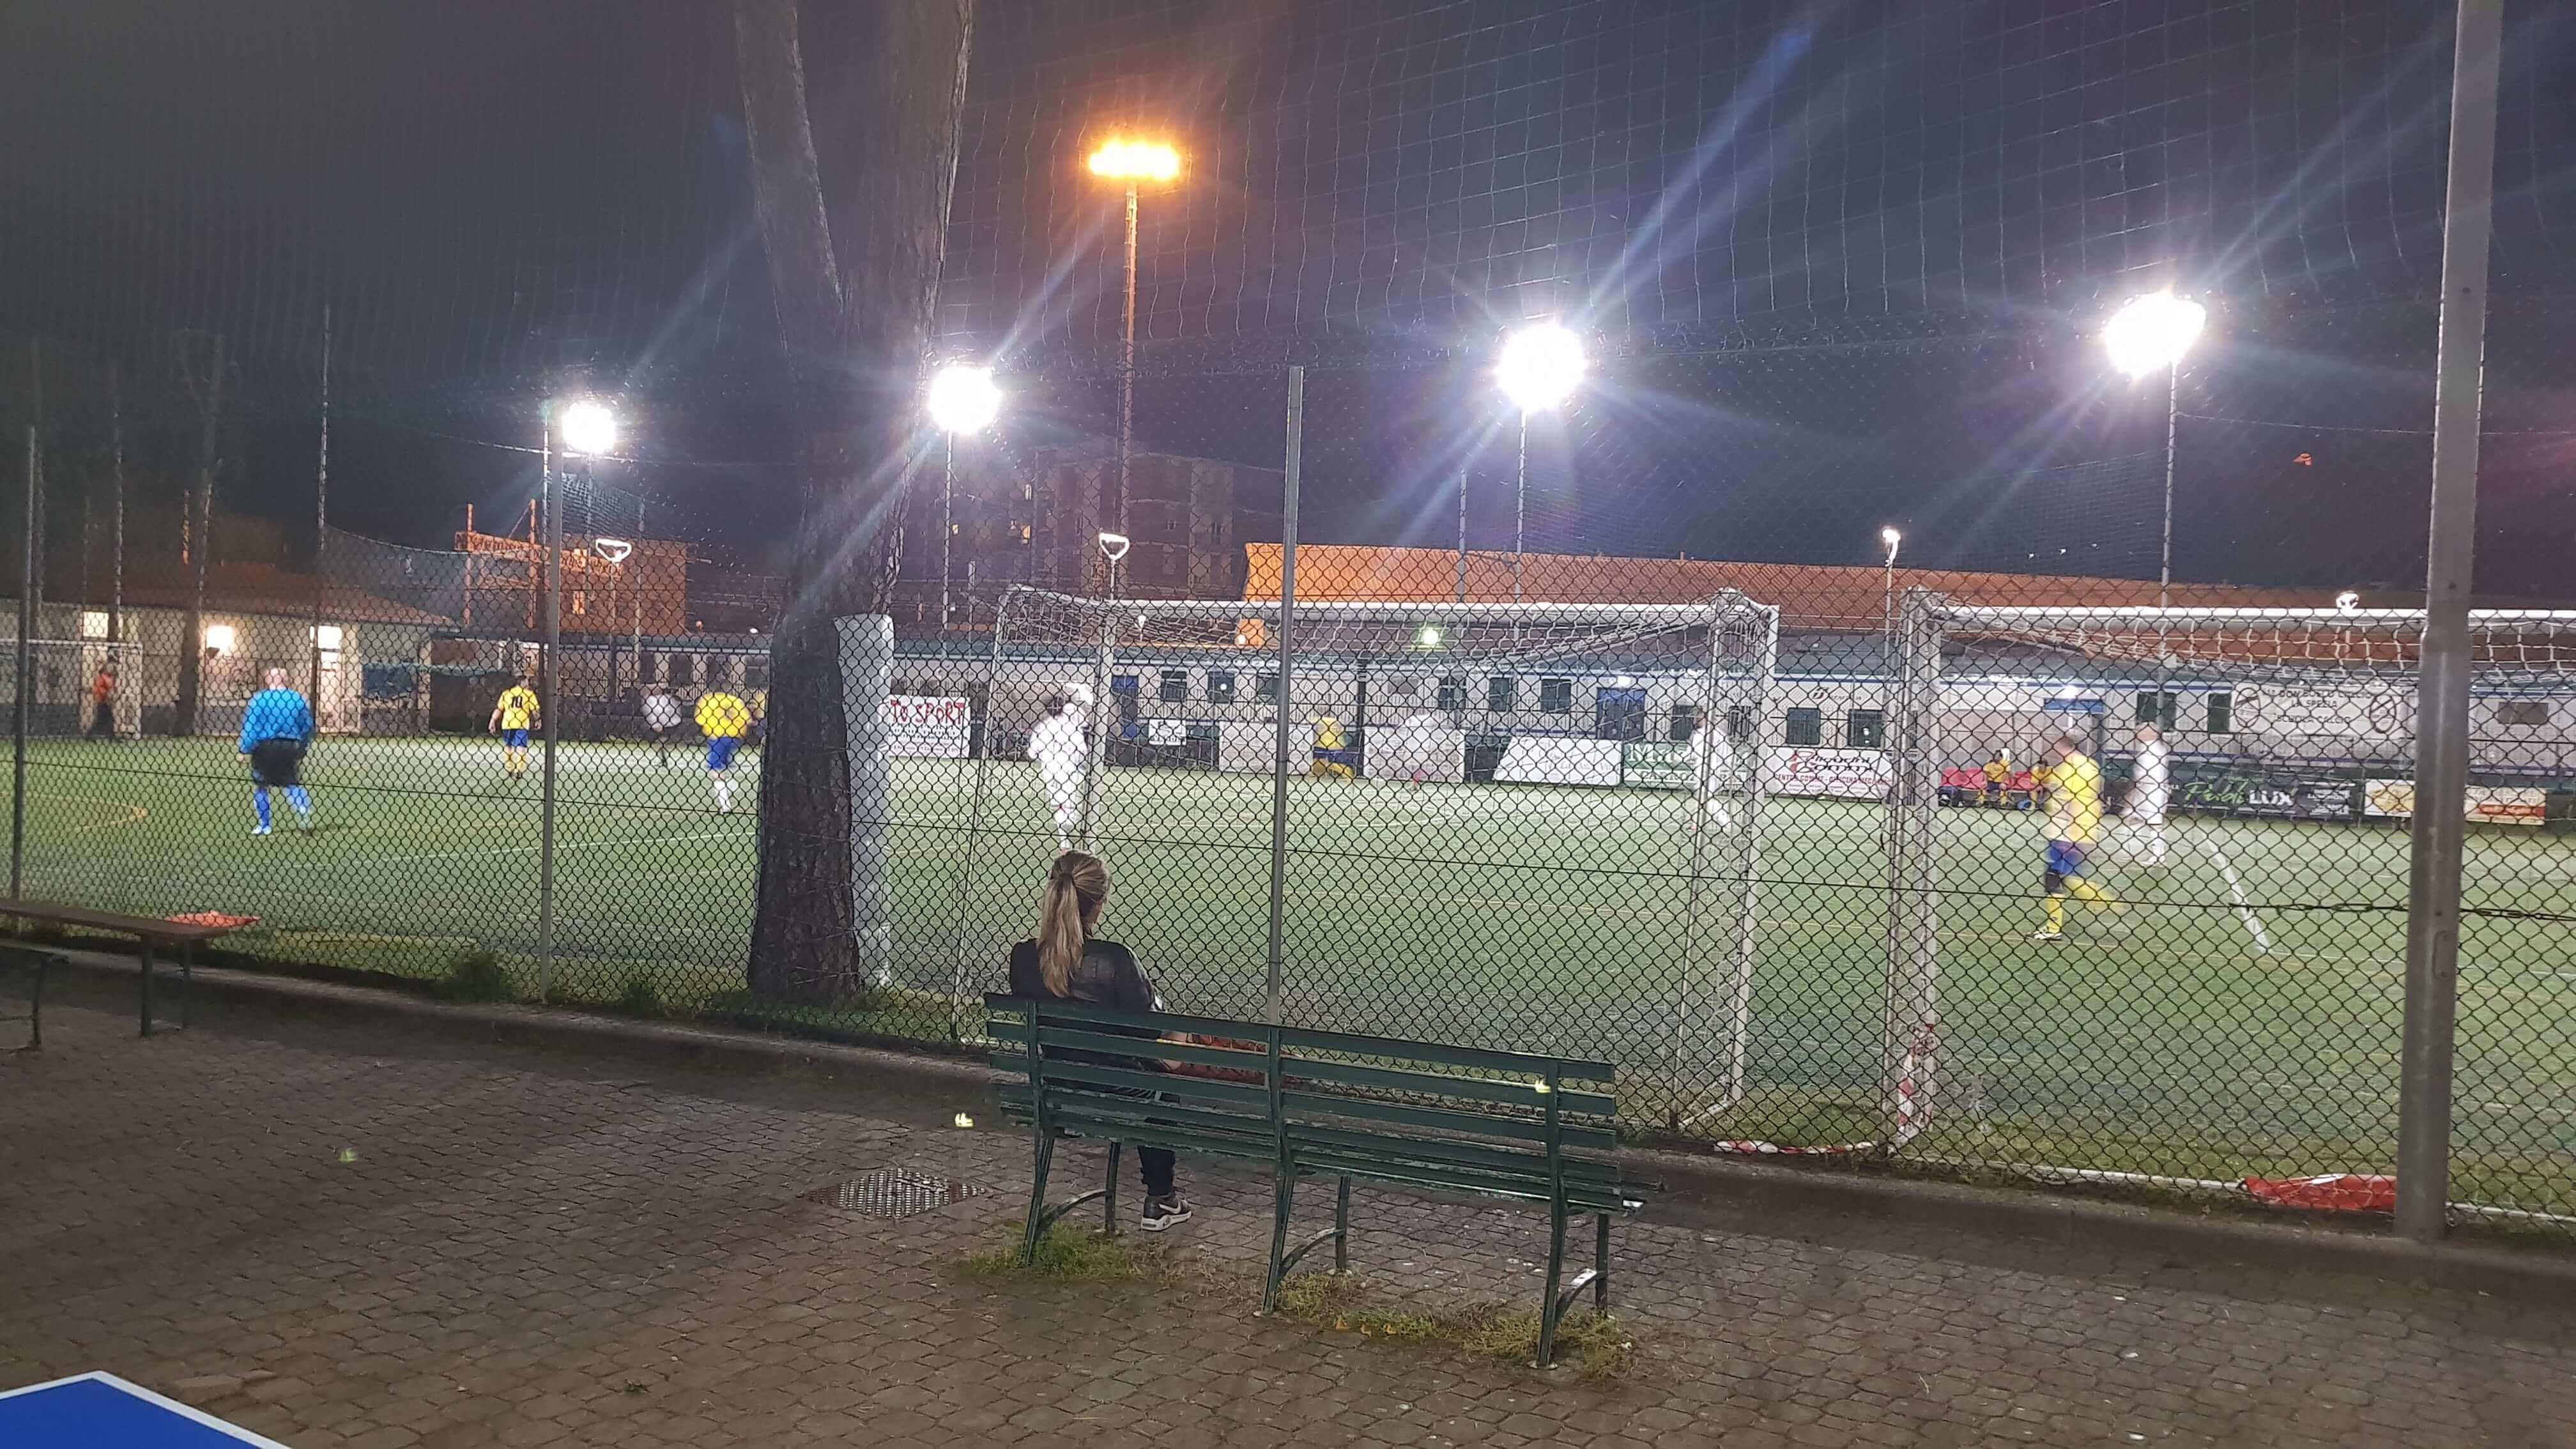 Centro-sportivo-le-giraffe-dlf-la-spezia-2